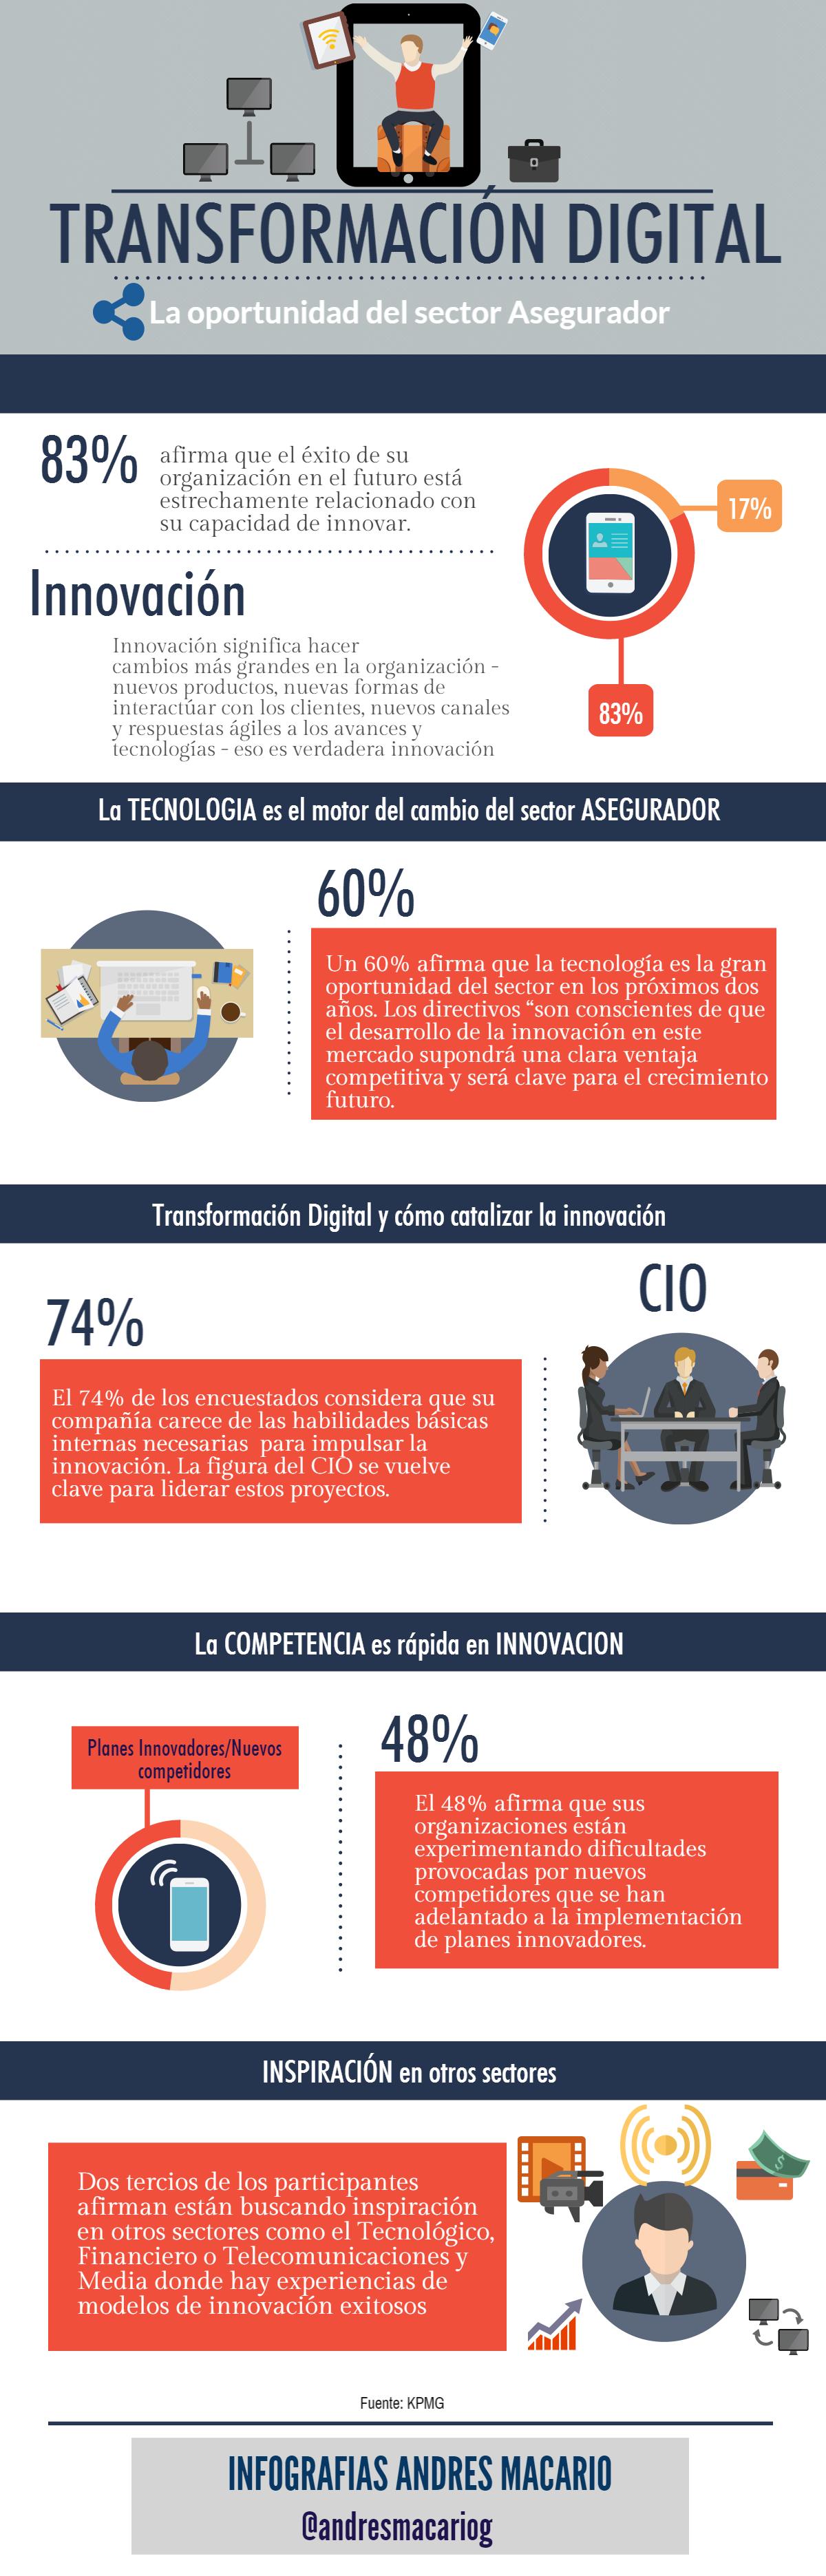 Transformacion Digital, oportunidad del sector Asegurador -infografia Andres Macario